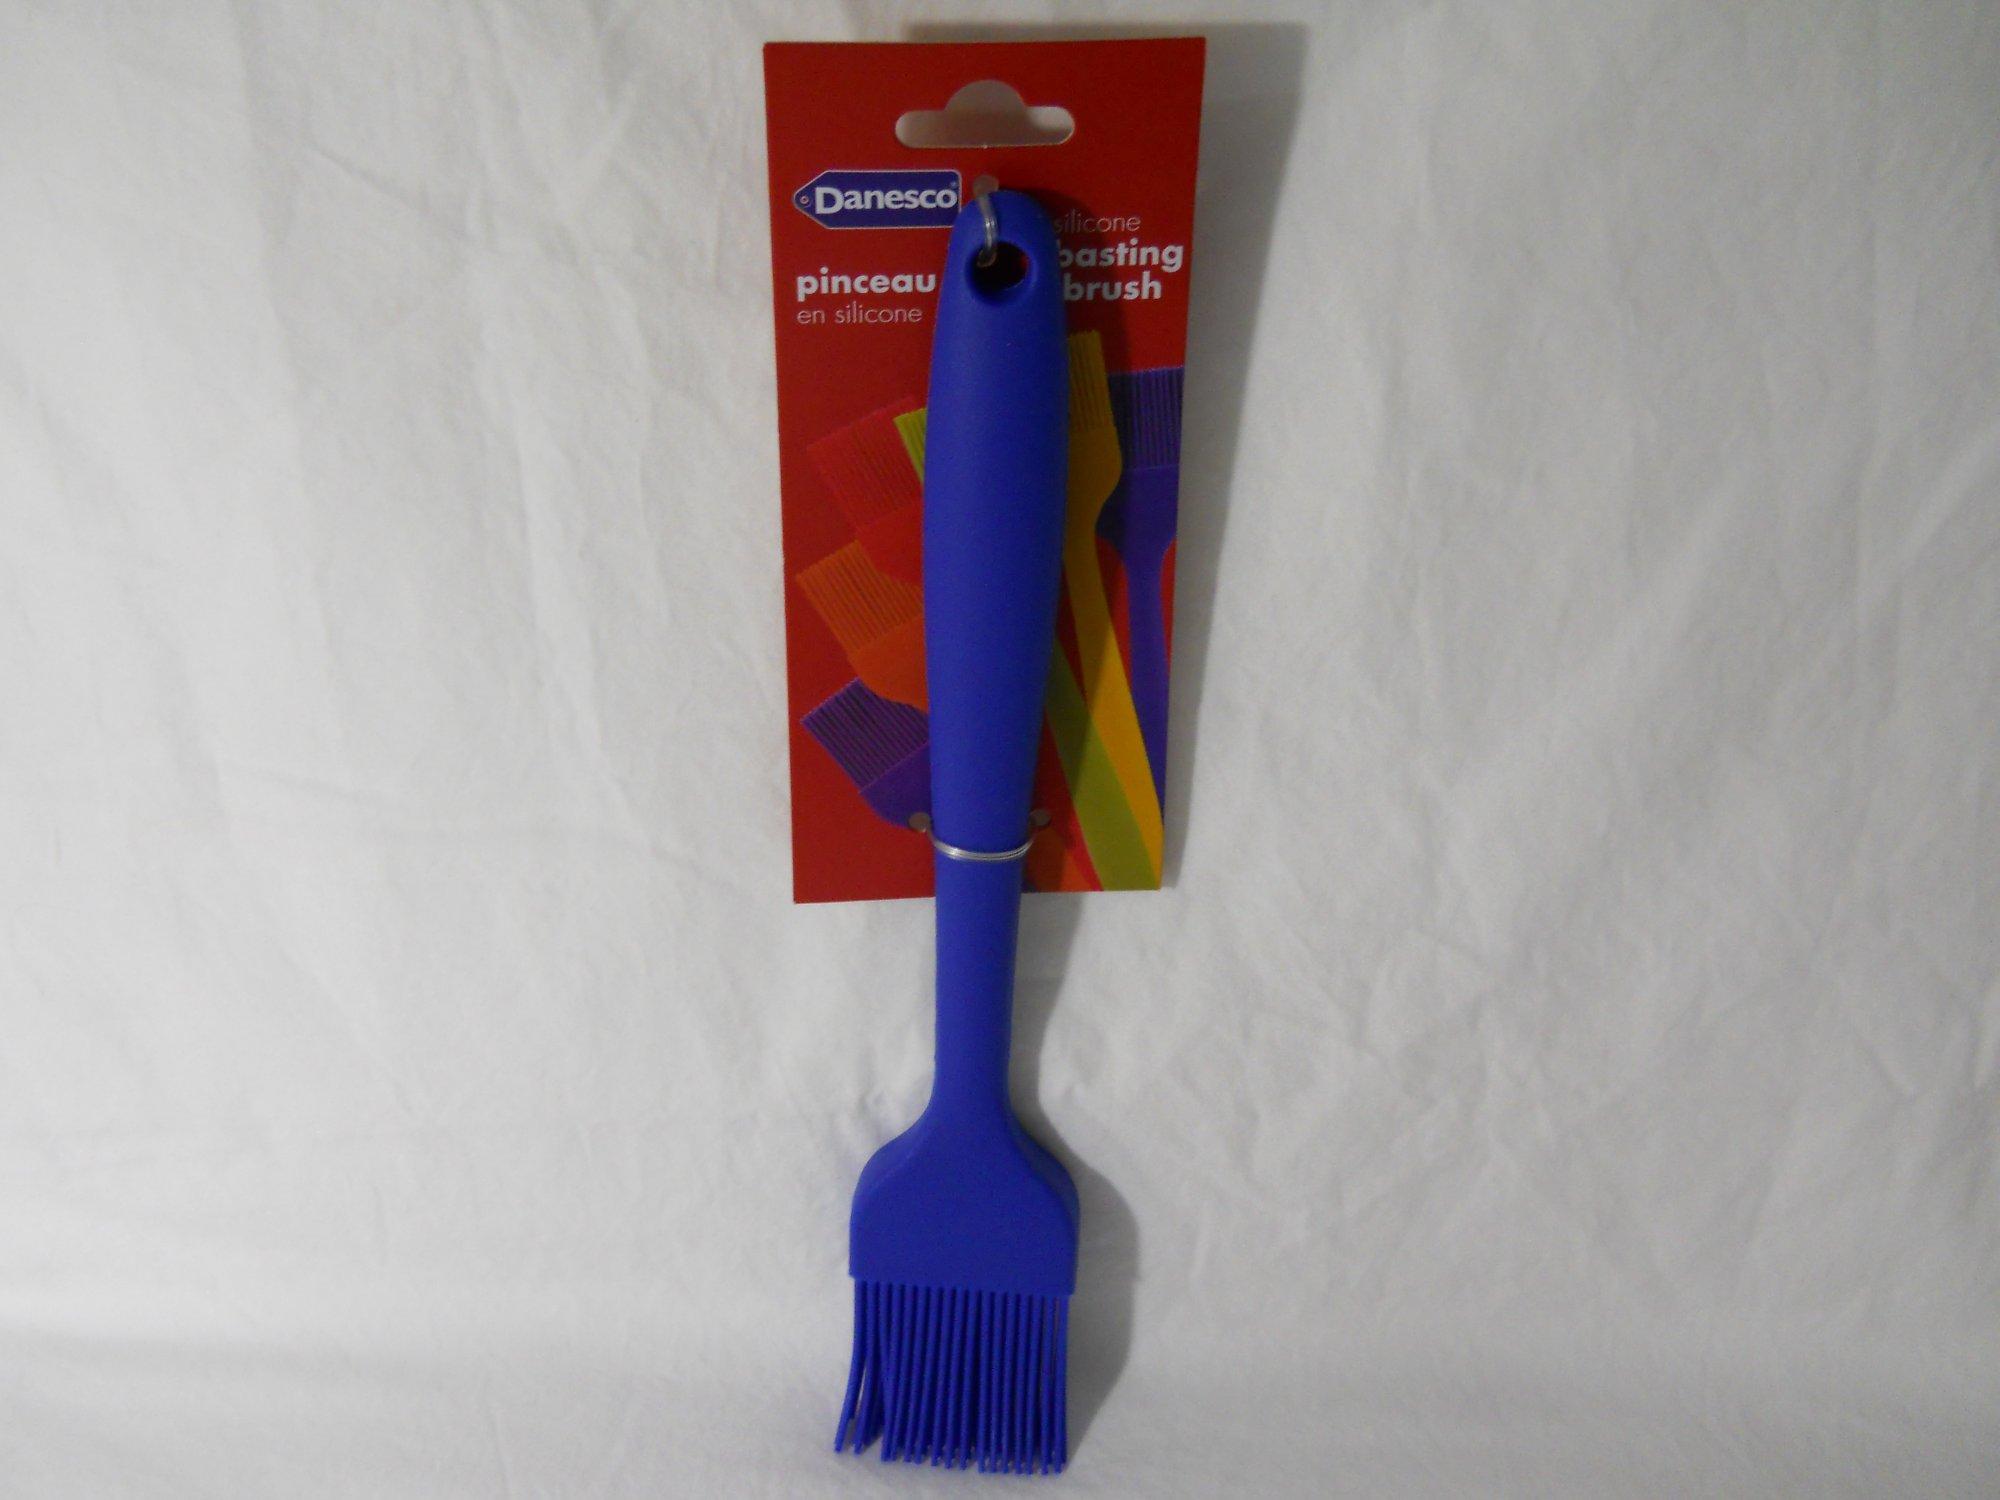 Danesco silicone basting brush 10 blue